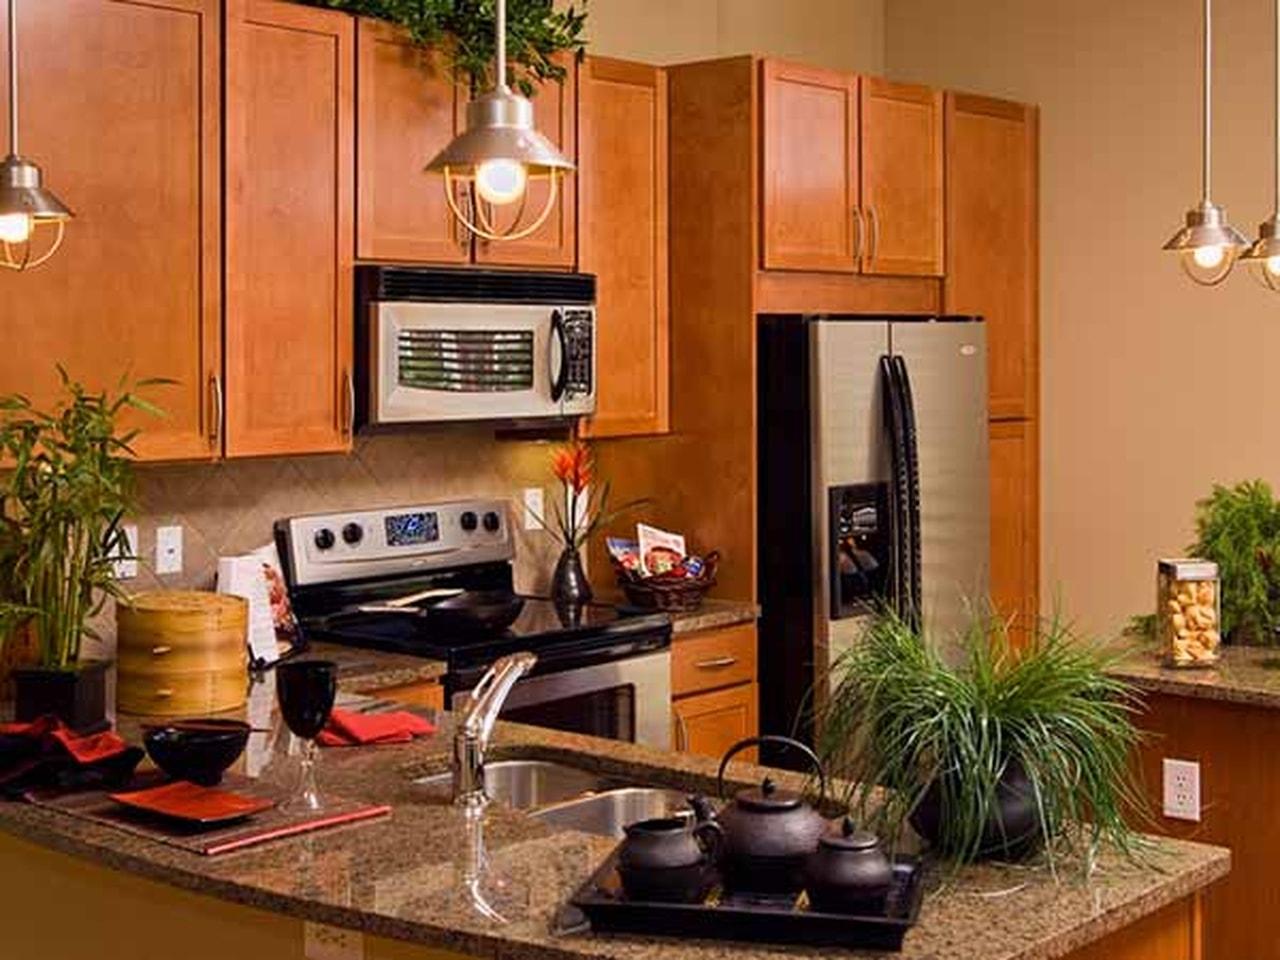 بالصور تزيين المطبخ , افكار مبتكرة لتزيين المطبخ 3544 7